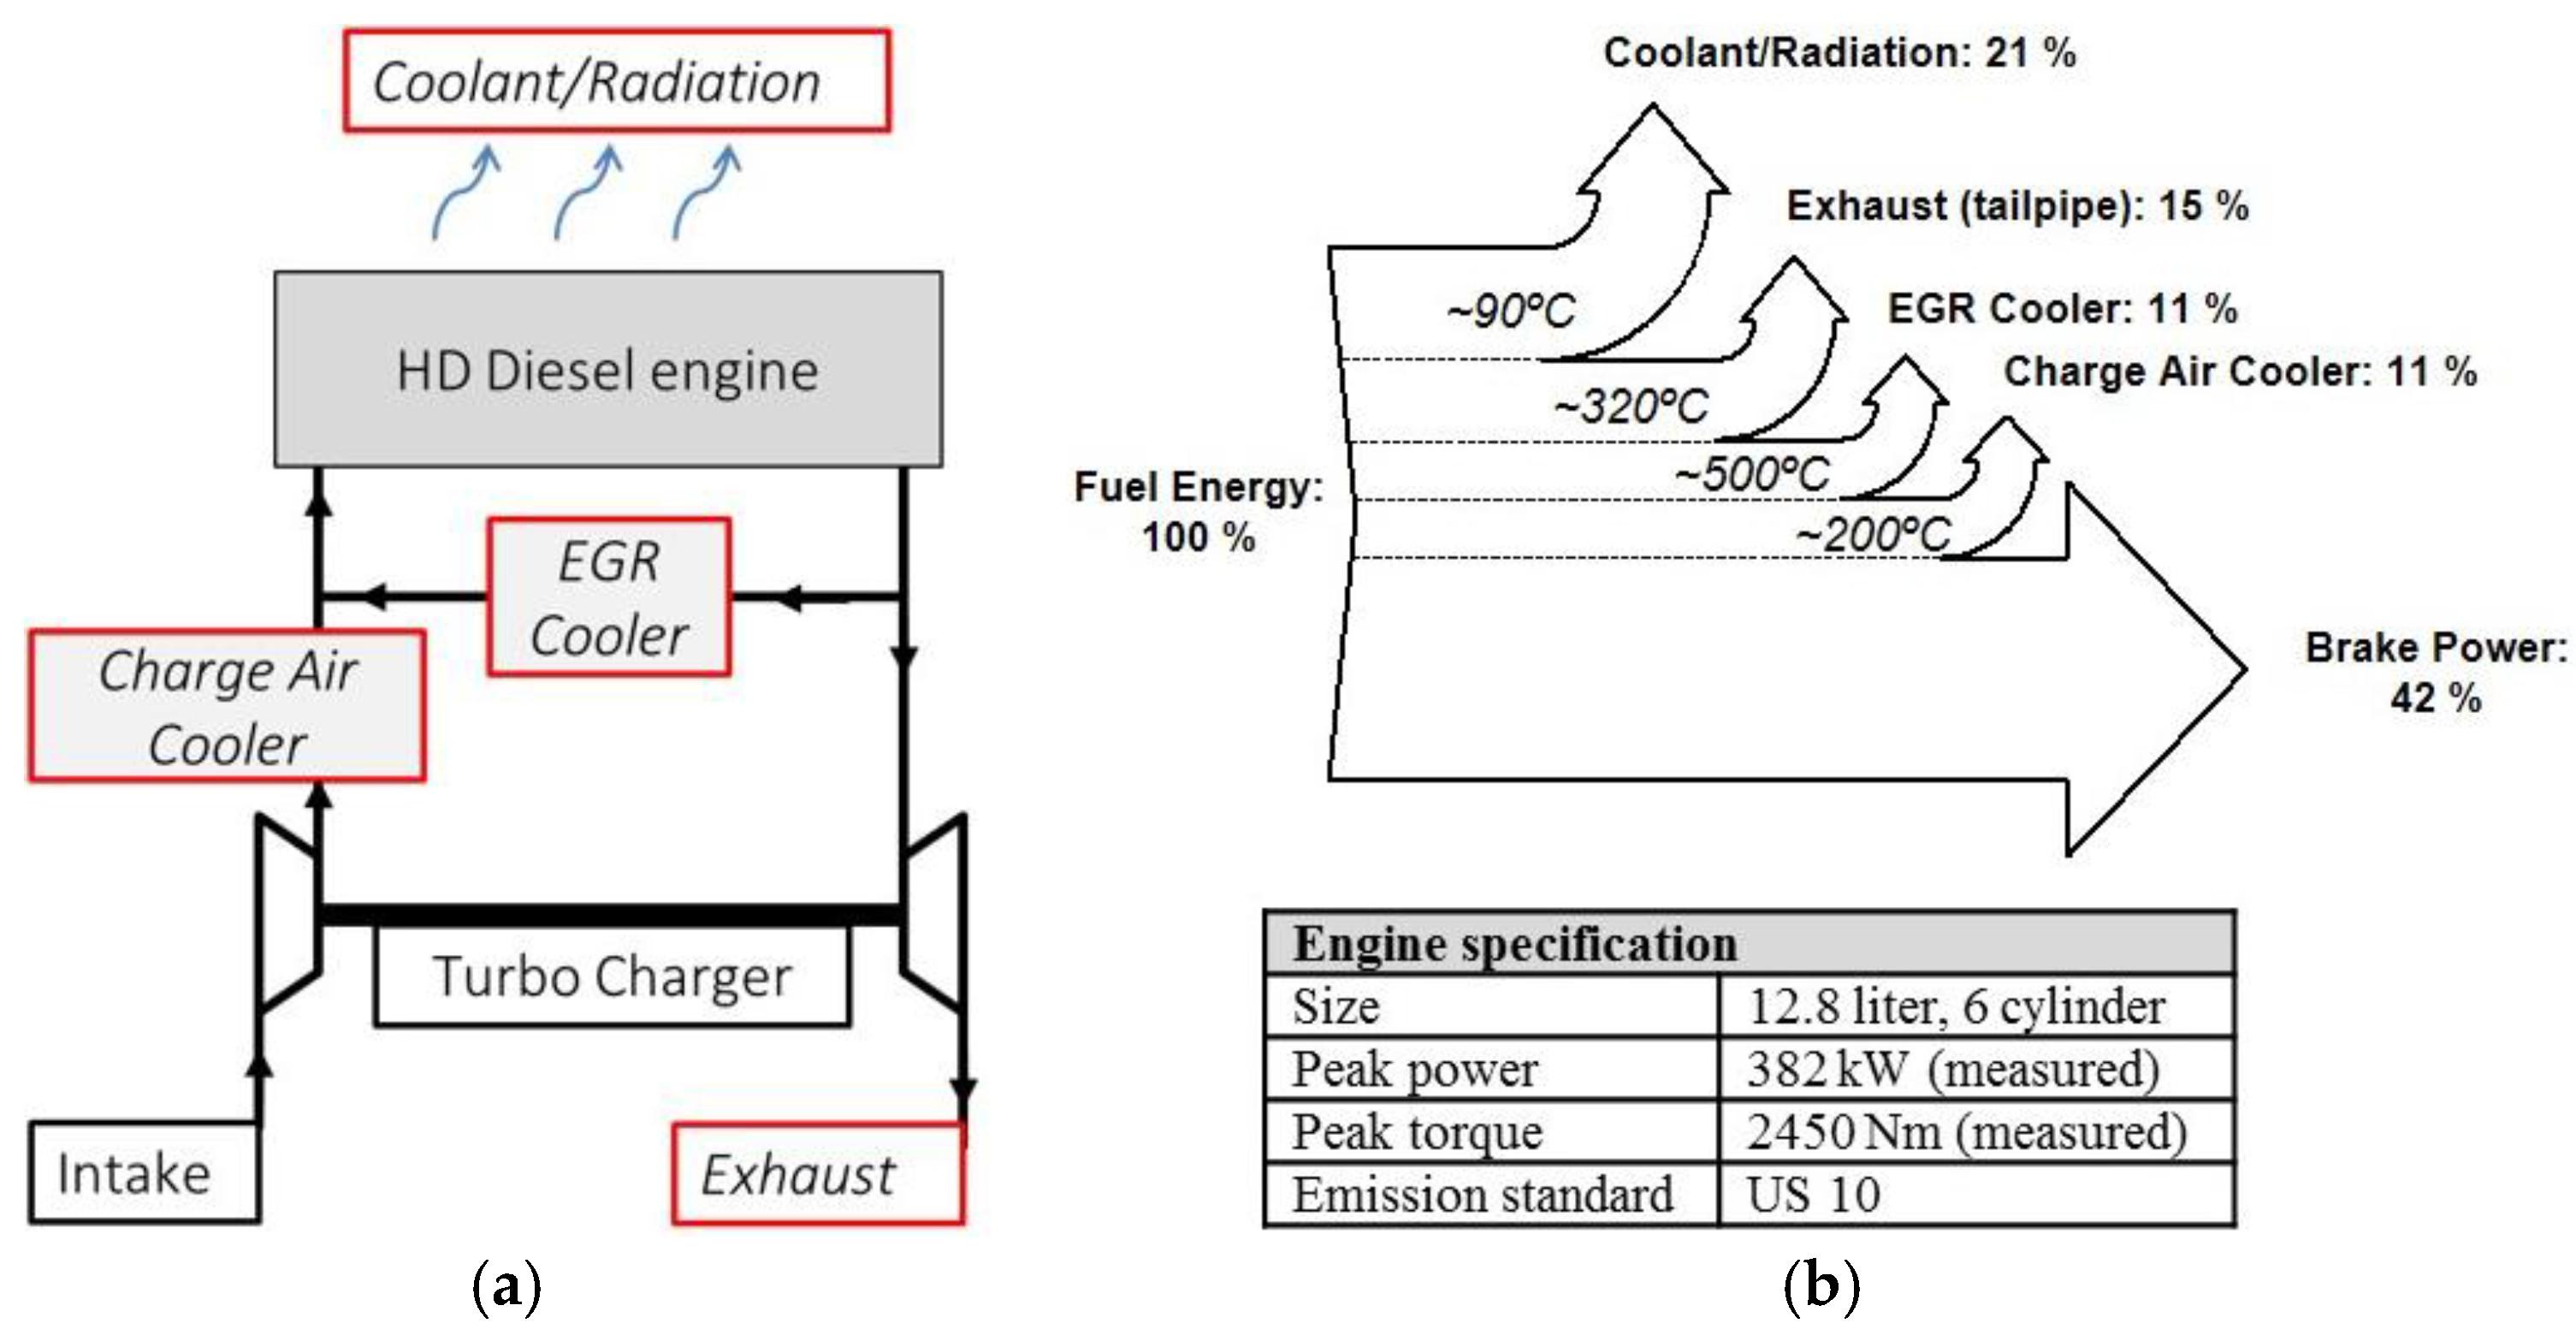 Two Stroke Diesel Engine Diagram Energies Free Full Text Of Two Stroke Diesel Engine Diagram